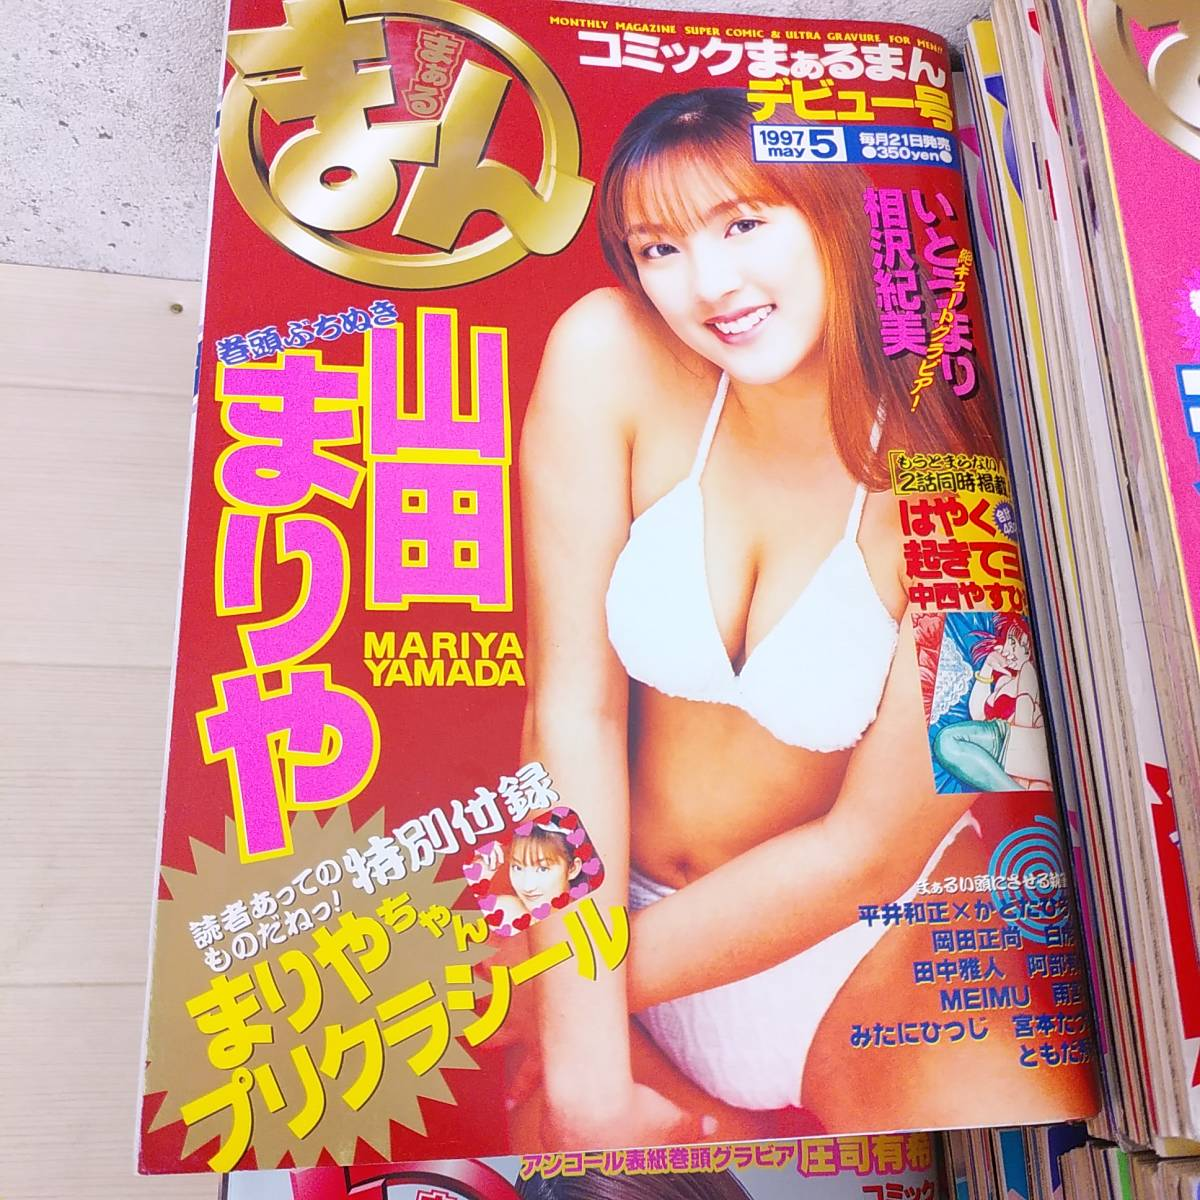 【希少品!】まぁるまん■ぶんか社■デビュー号~■1998年~2002年■合計58冊■雑誌 アイドル 漫画_画像2